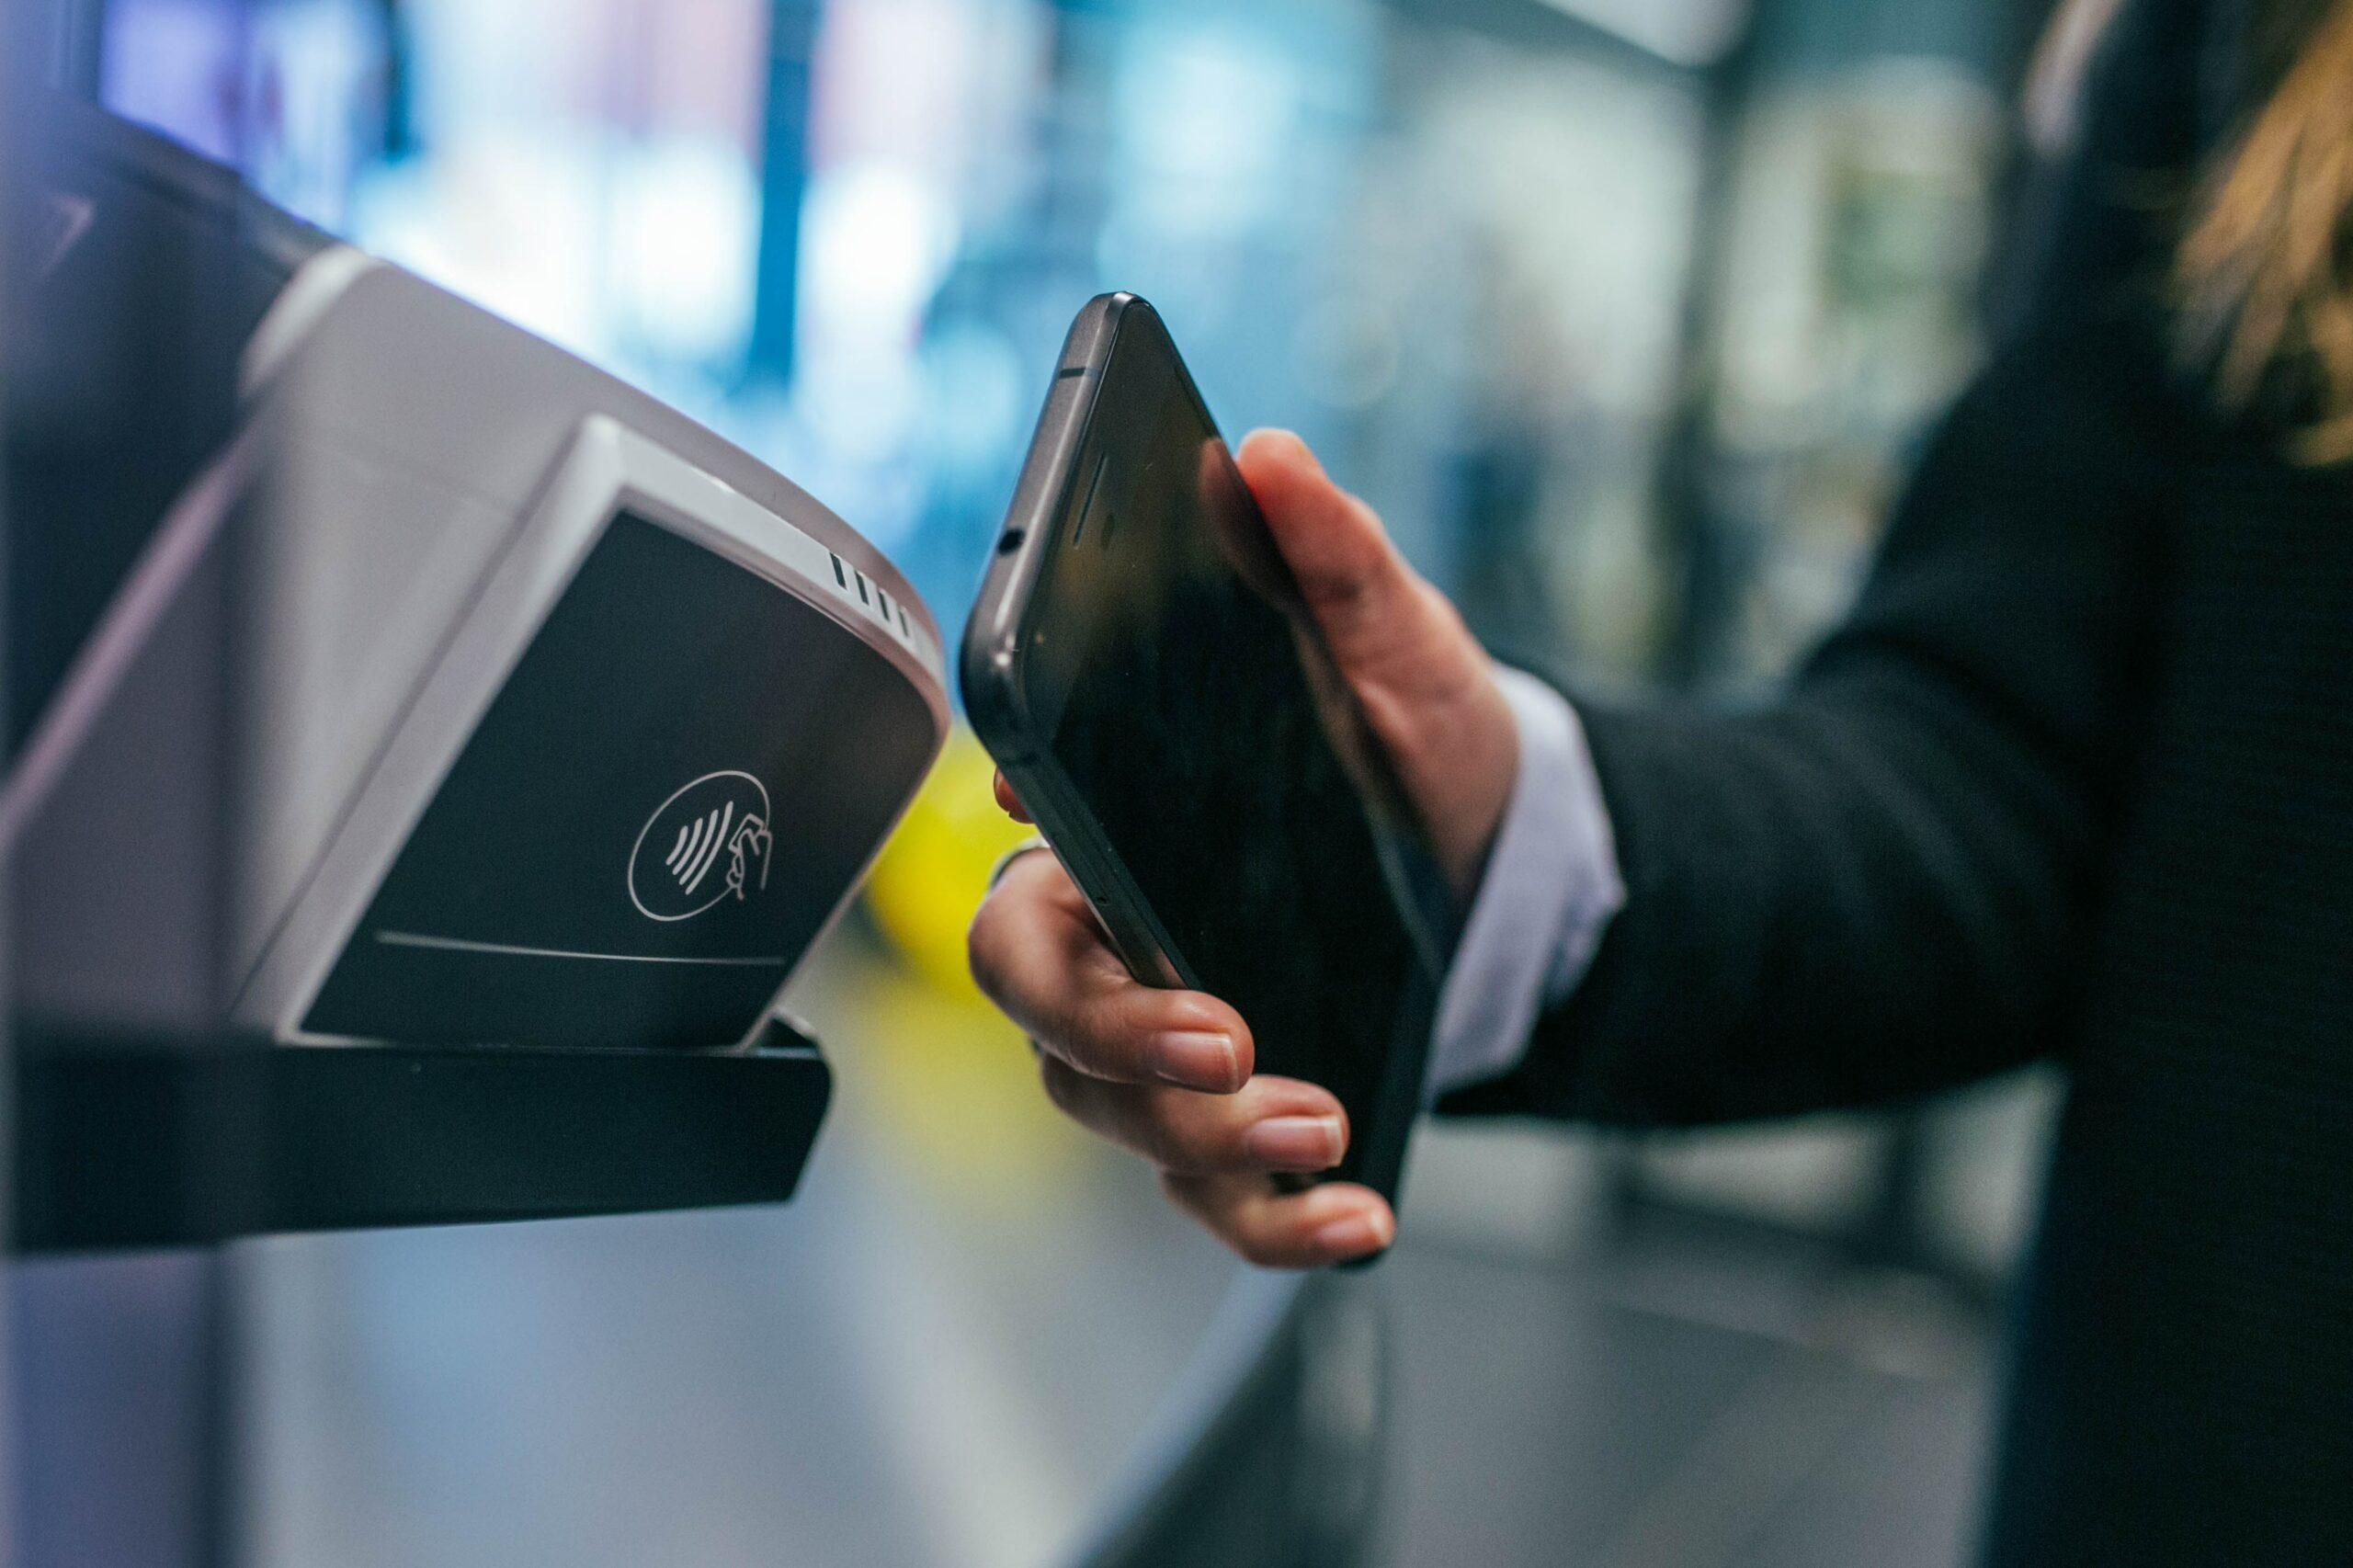 Terminal - urządzenie do płacenia kartą